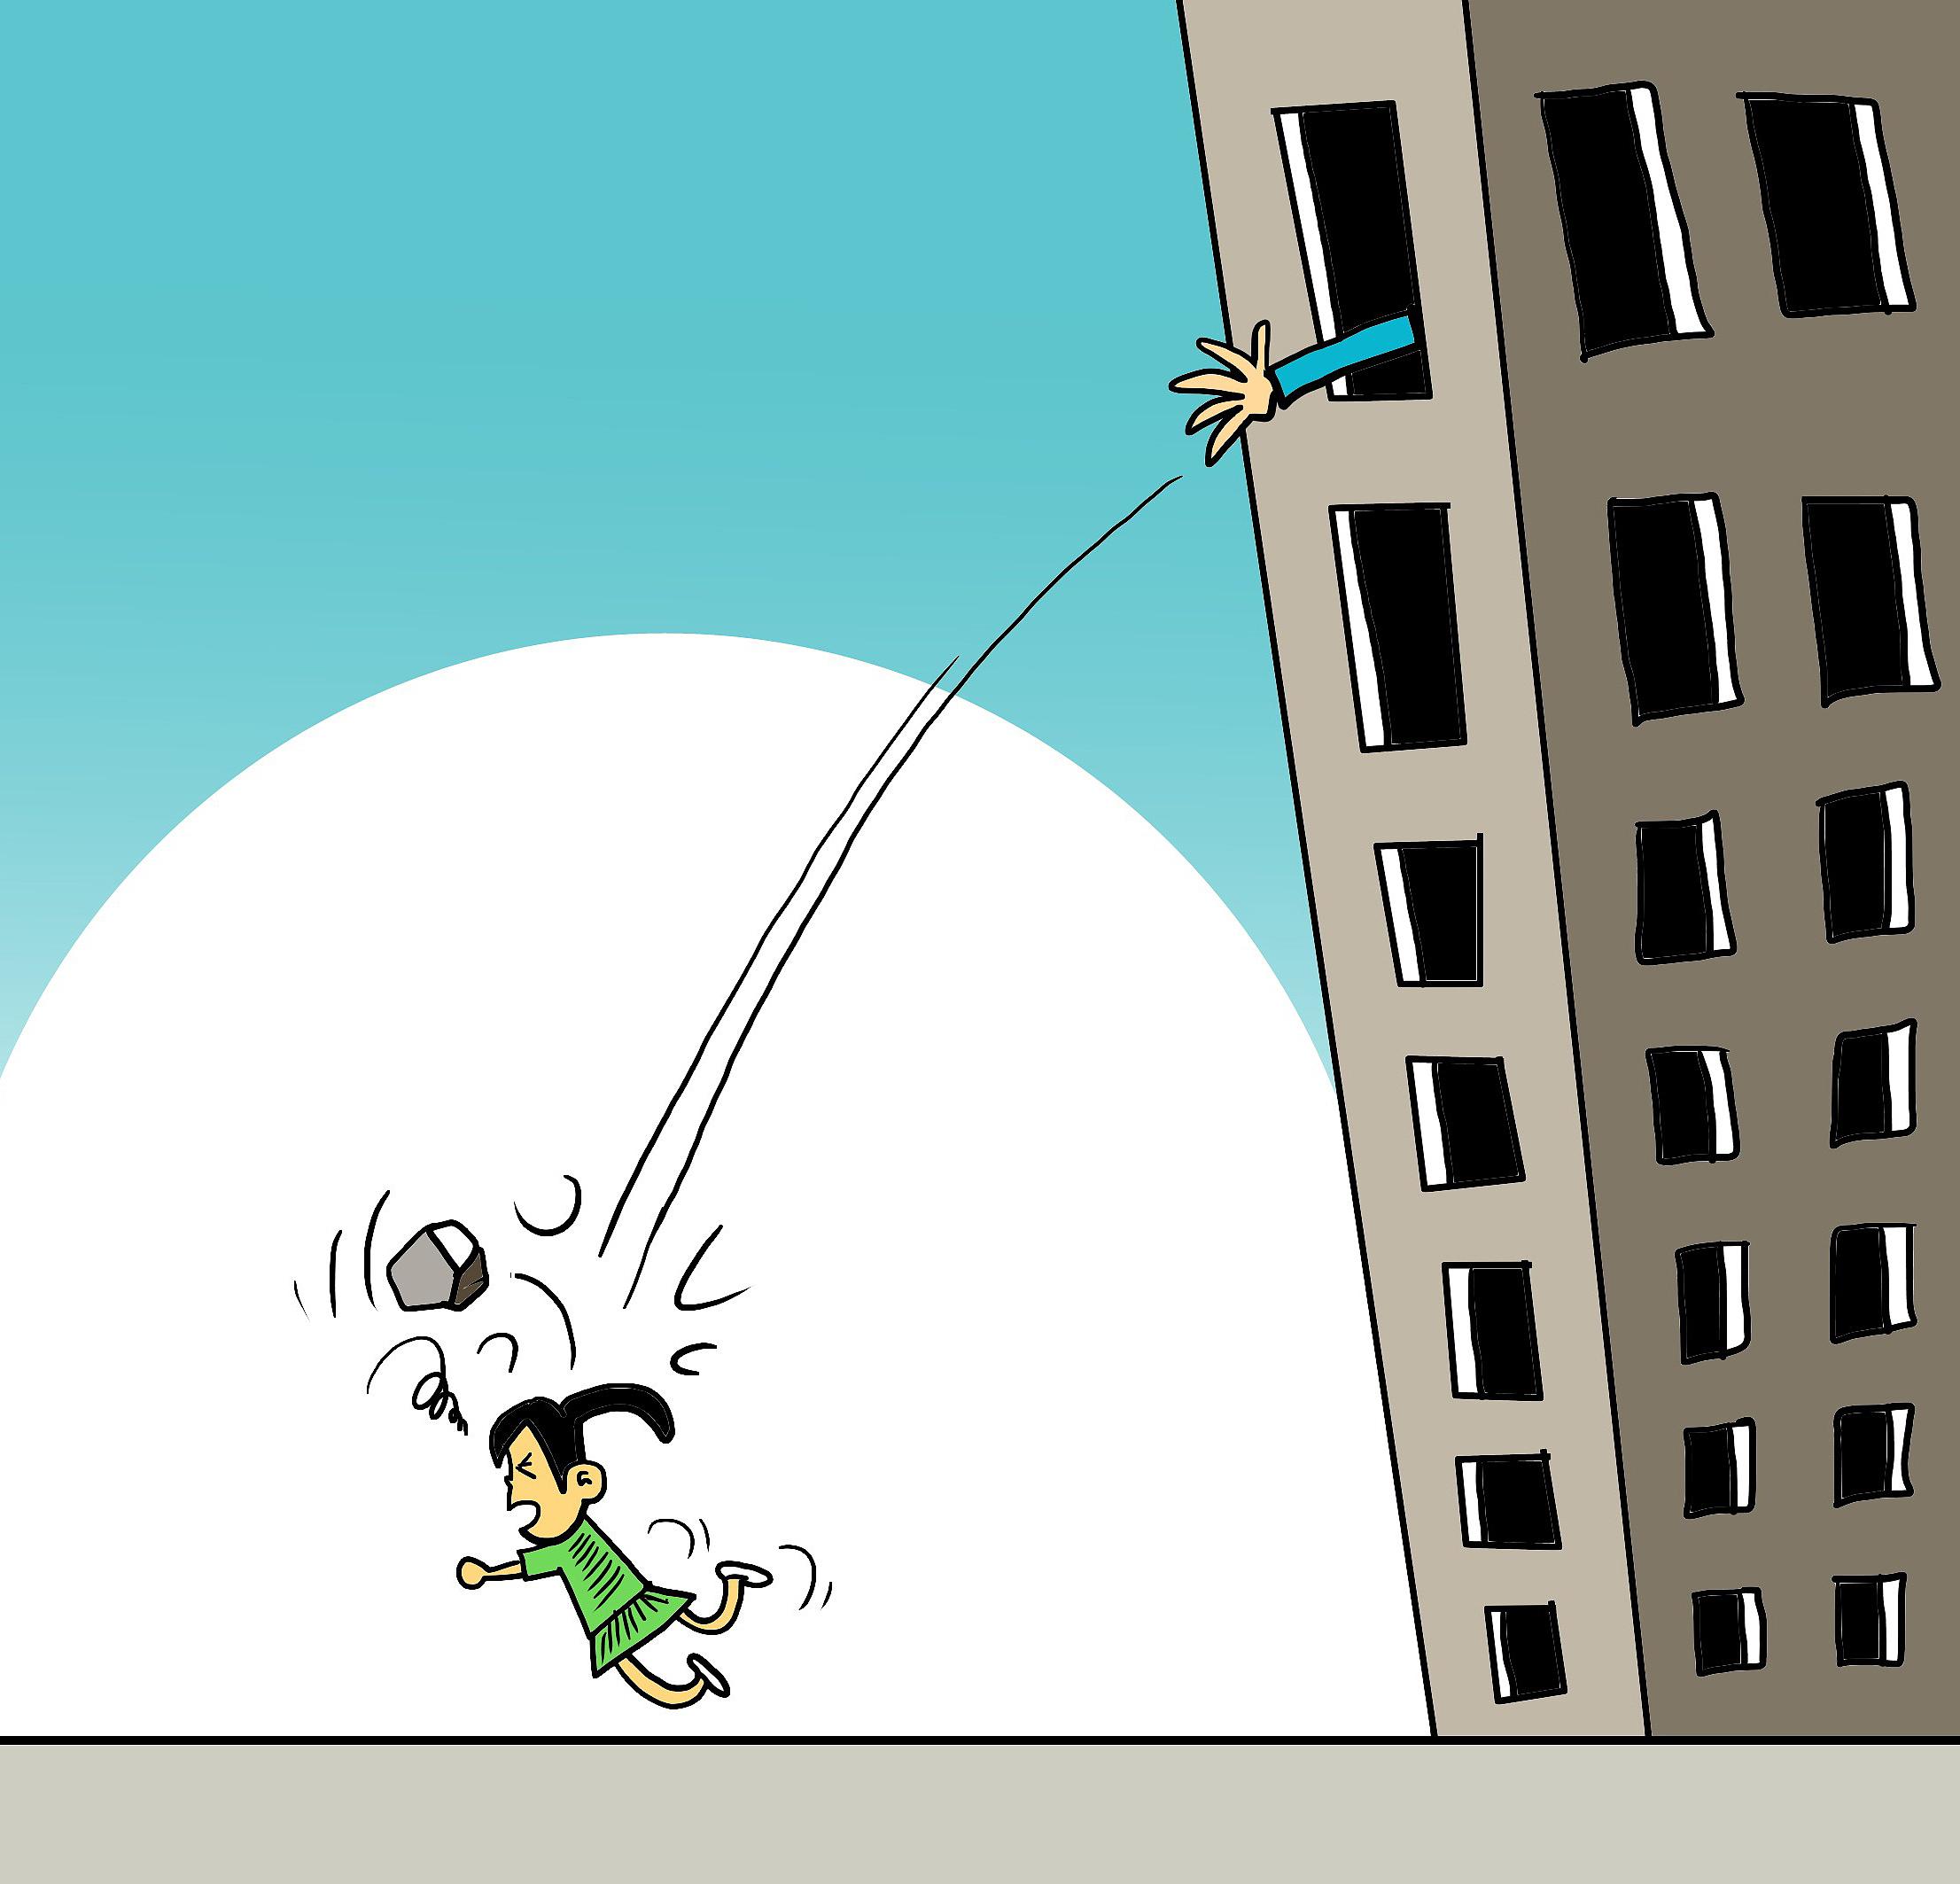 高科技可以对抗高空抛物的恶习吗?,cf火凤全能辅助